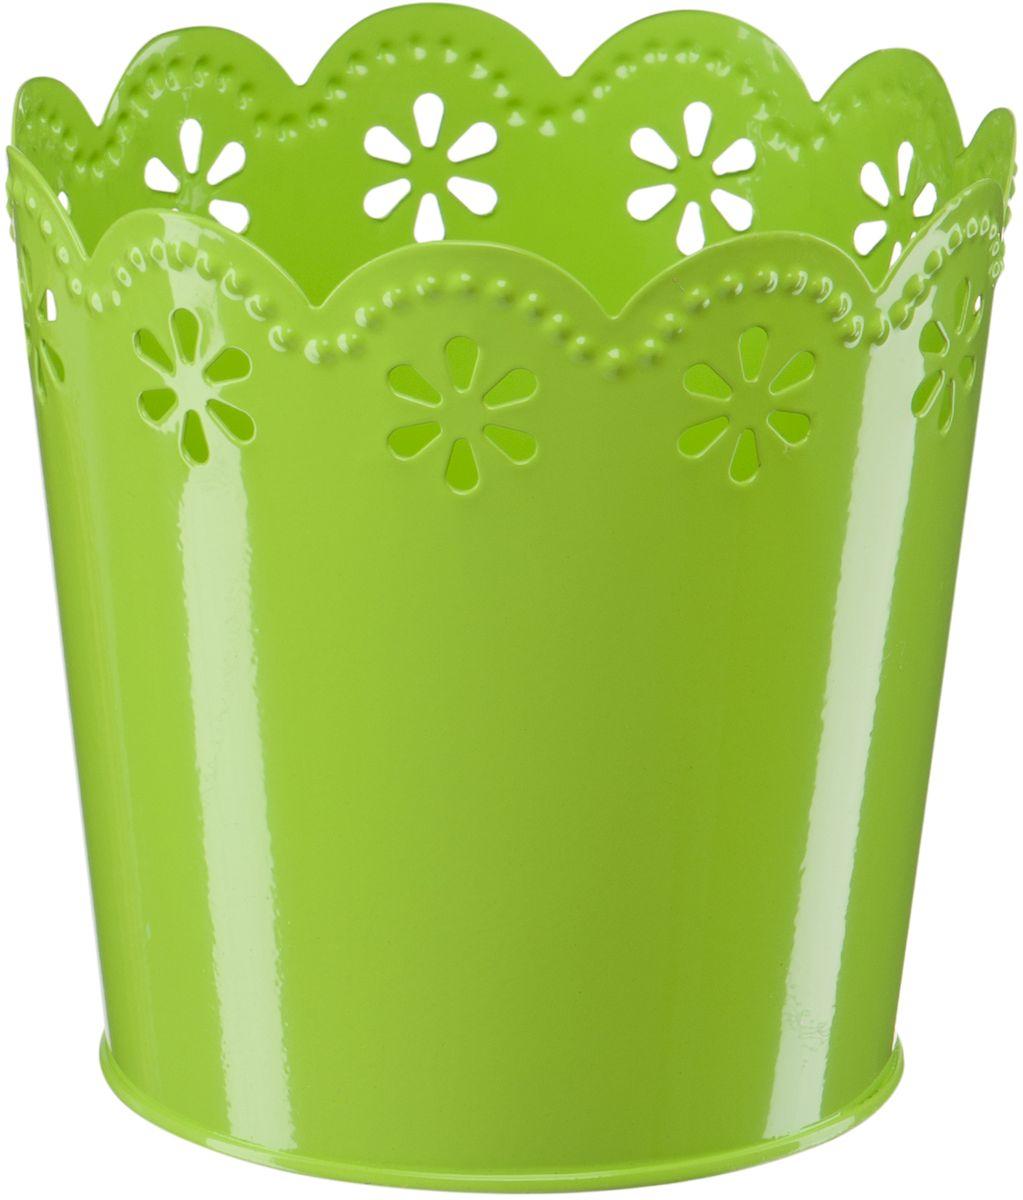 Кашпо Engard, цвет: зеленый, 12,5 х 10 х 13 смK100Кашпо, предназначенное для посадки декоративных растений, станет прекрасным украшением для дома. Яркая расцветка привлекает к себе внимание и поднимает настроение. Материал изготовления - металл.